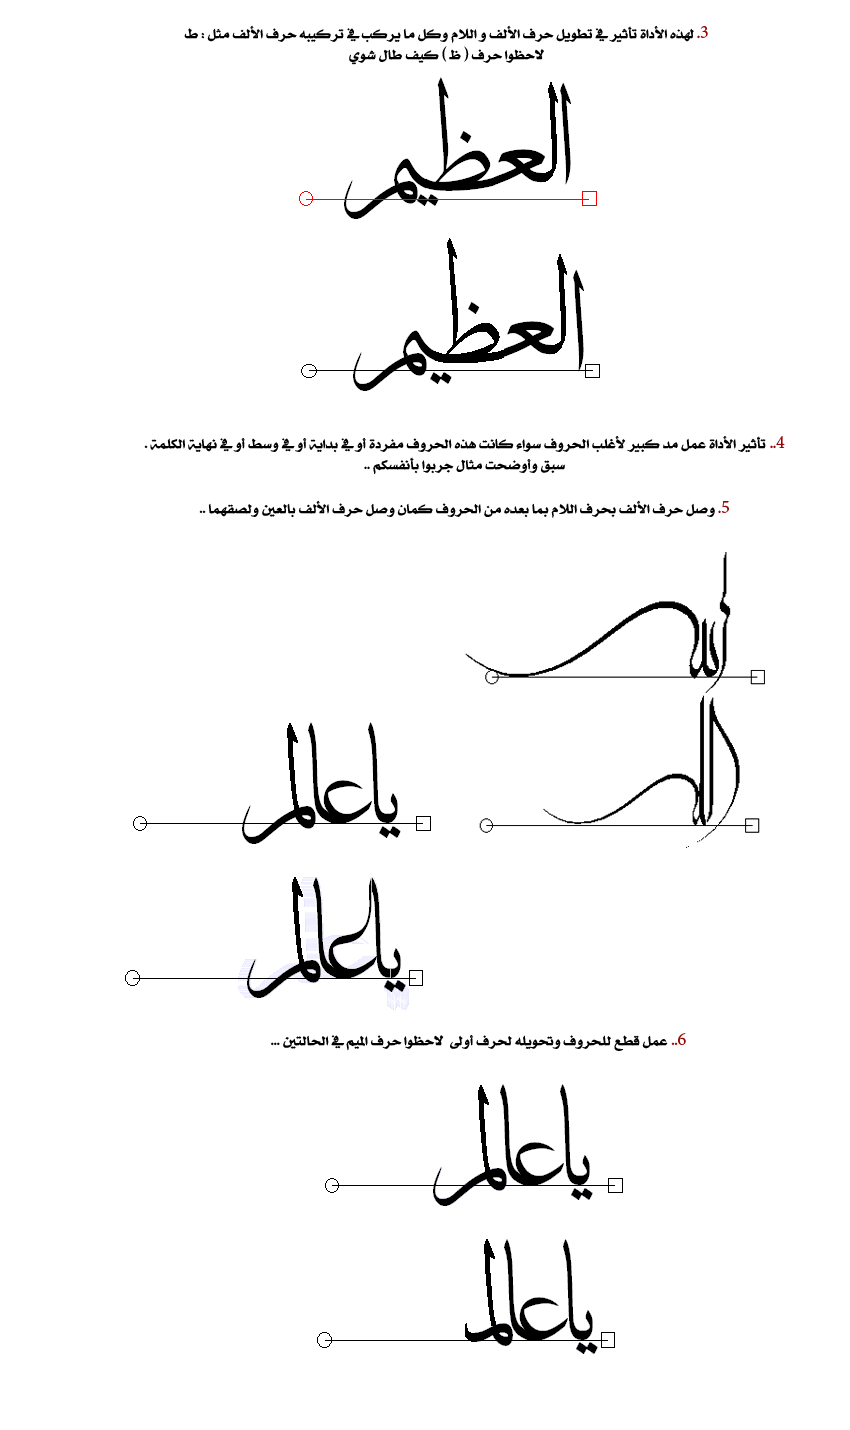 الدرس الثالث : شرح قوائم برنامج الكلك الجزء الثاني Bnatsa14